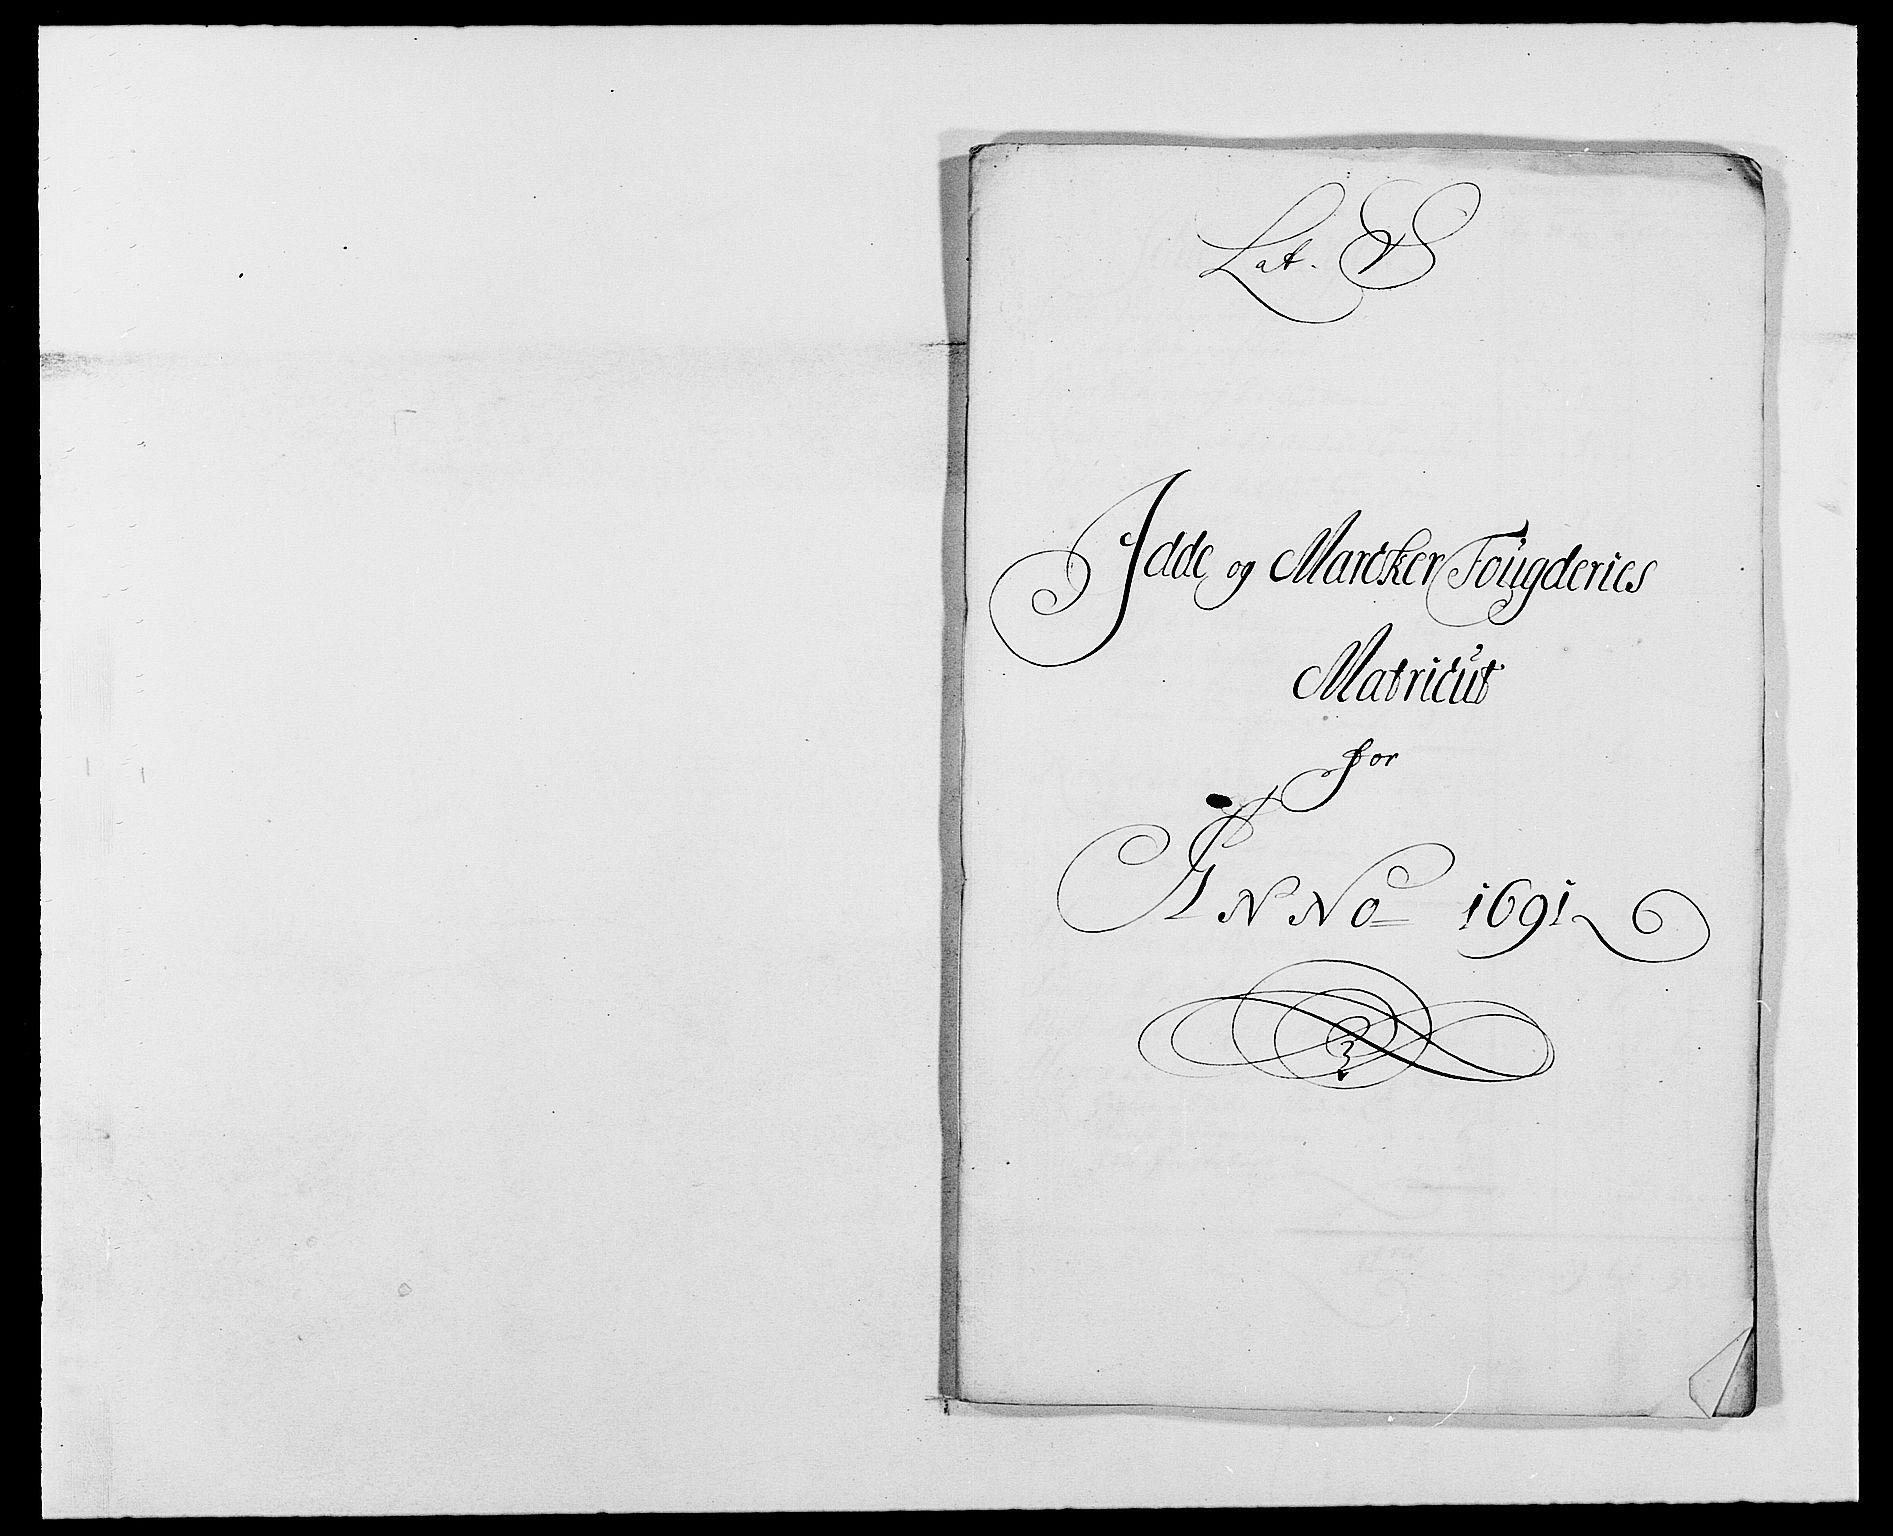 RA, Rentekammeret inntil 1814, Reviderte regnskaper, Fogderegnskap, R01/L0010: Fogderegnskap Idd og Marker, 1690-1691, s. 335